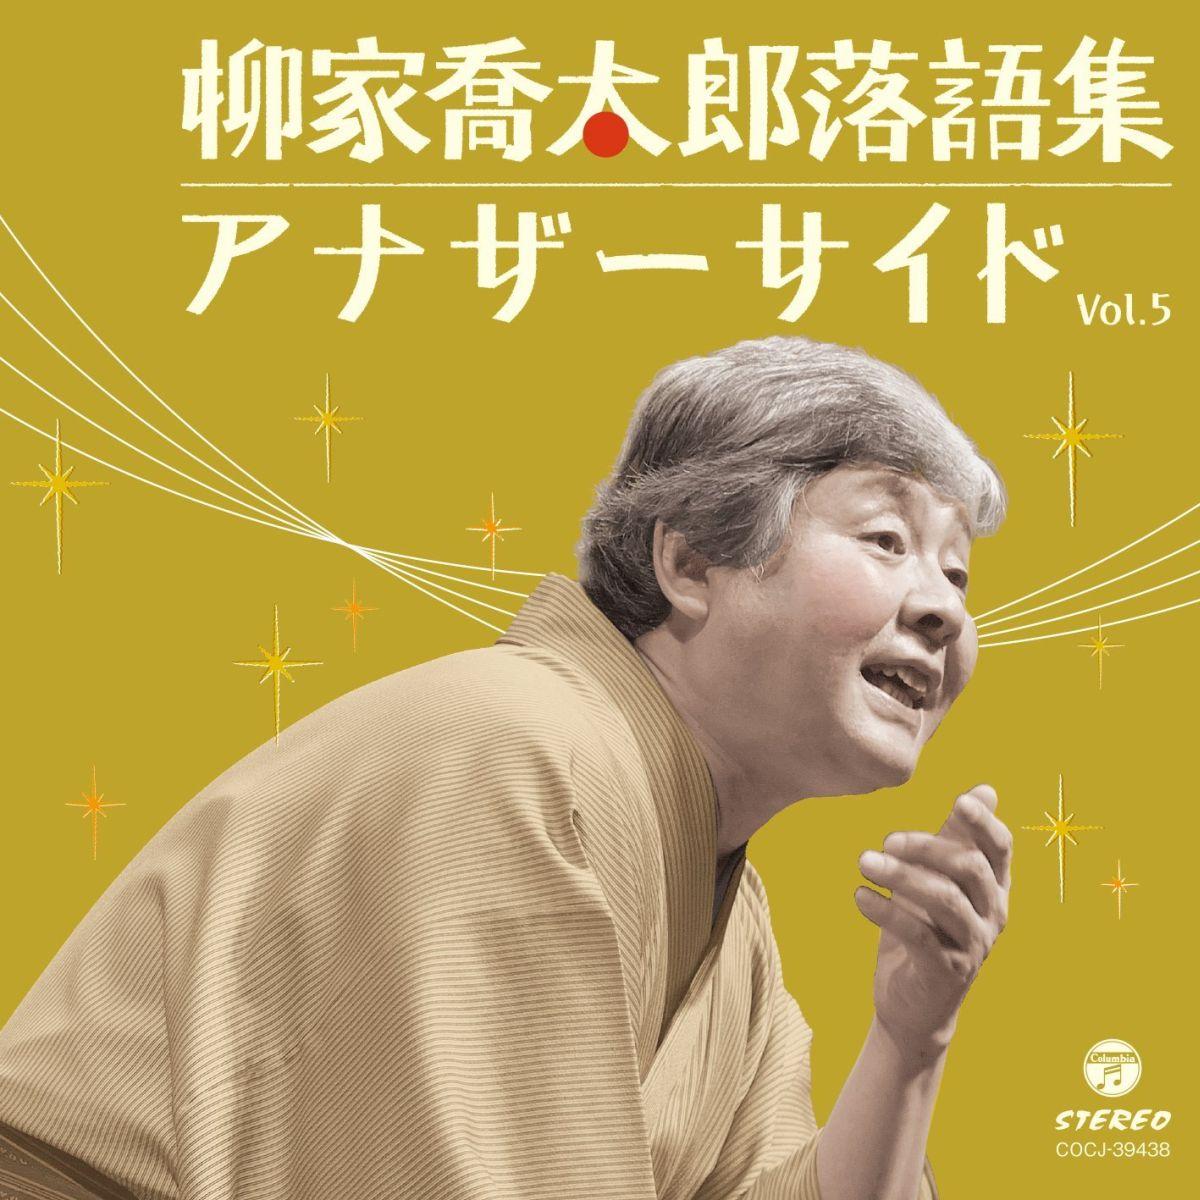 柳家喬太郎落語集 アナザーサイド Vol.5 重陽/ついたて娘画像